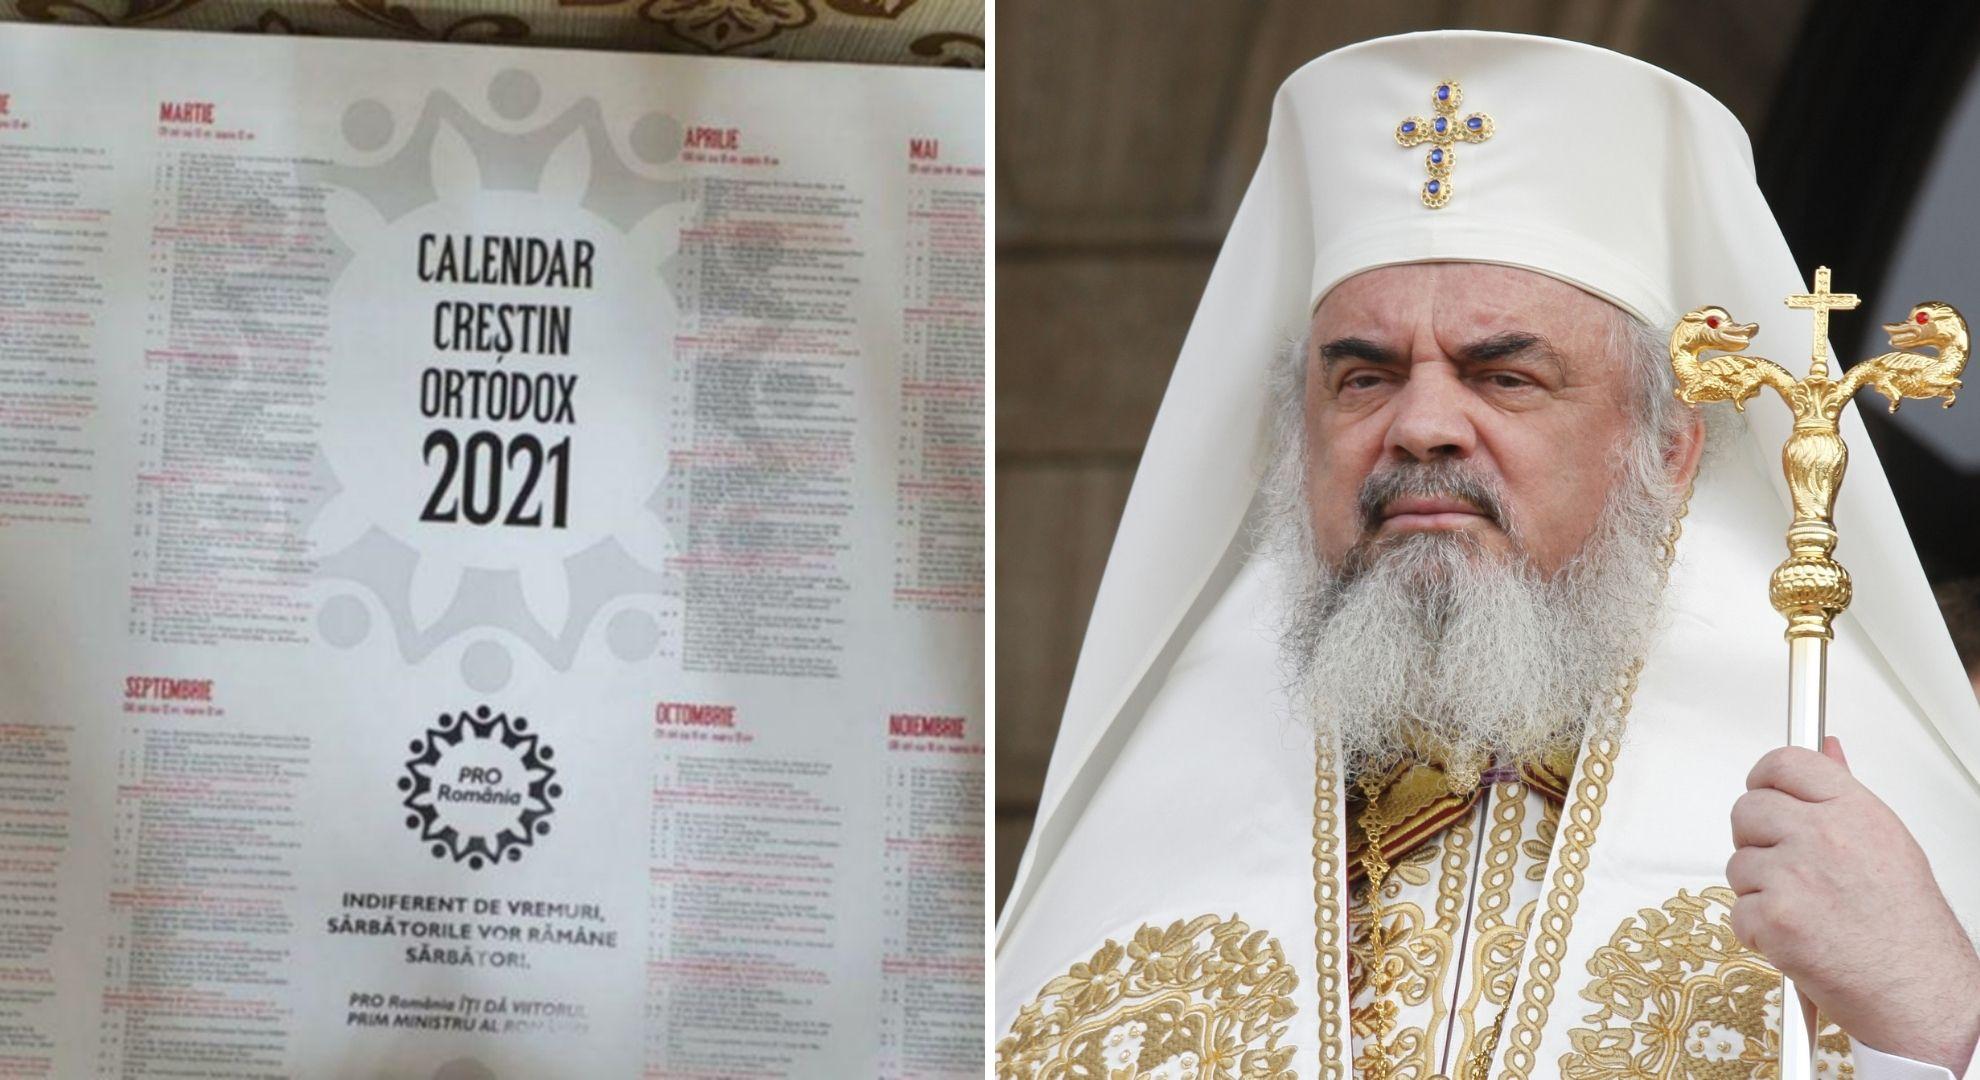 Calendare bisericești oferite gratis din partea unui partid politic. Cum a reacționat Patriarhia Română